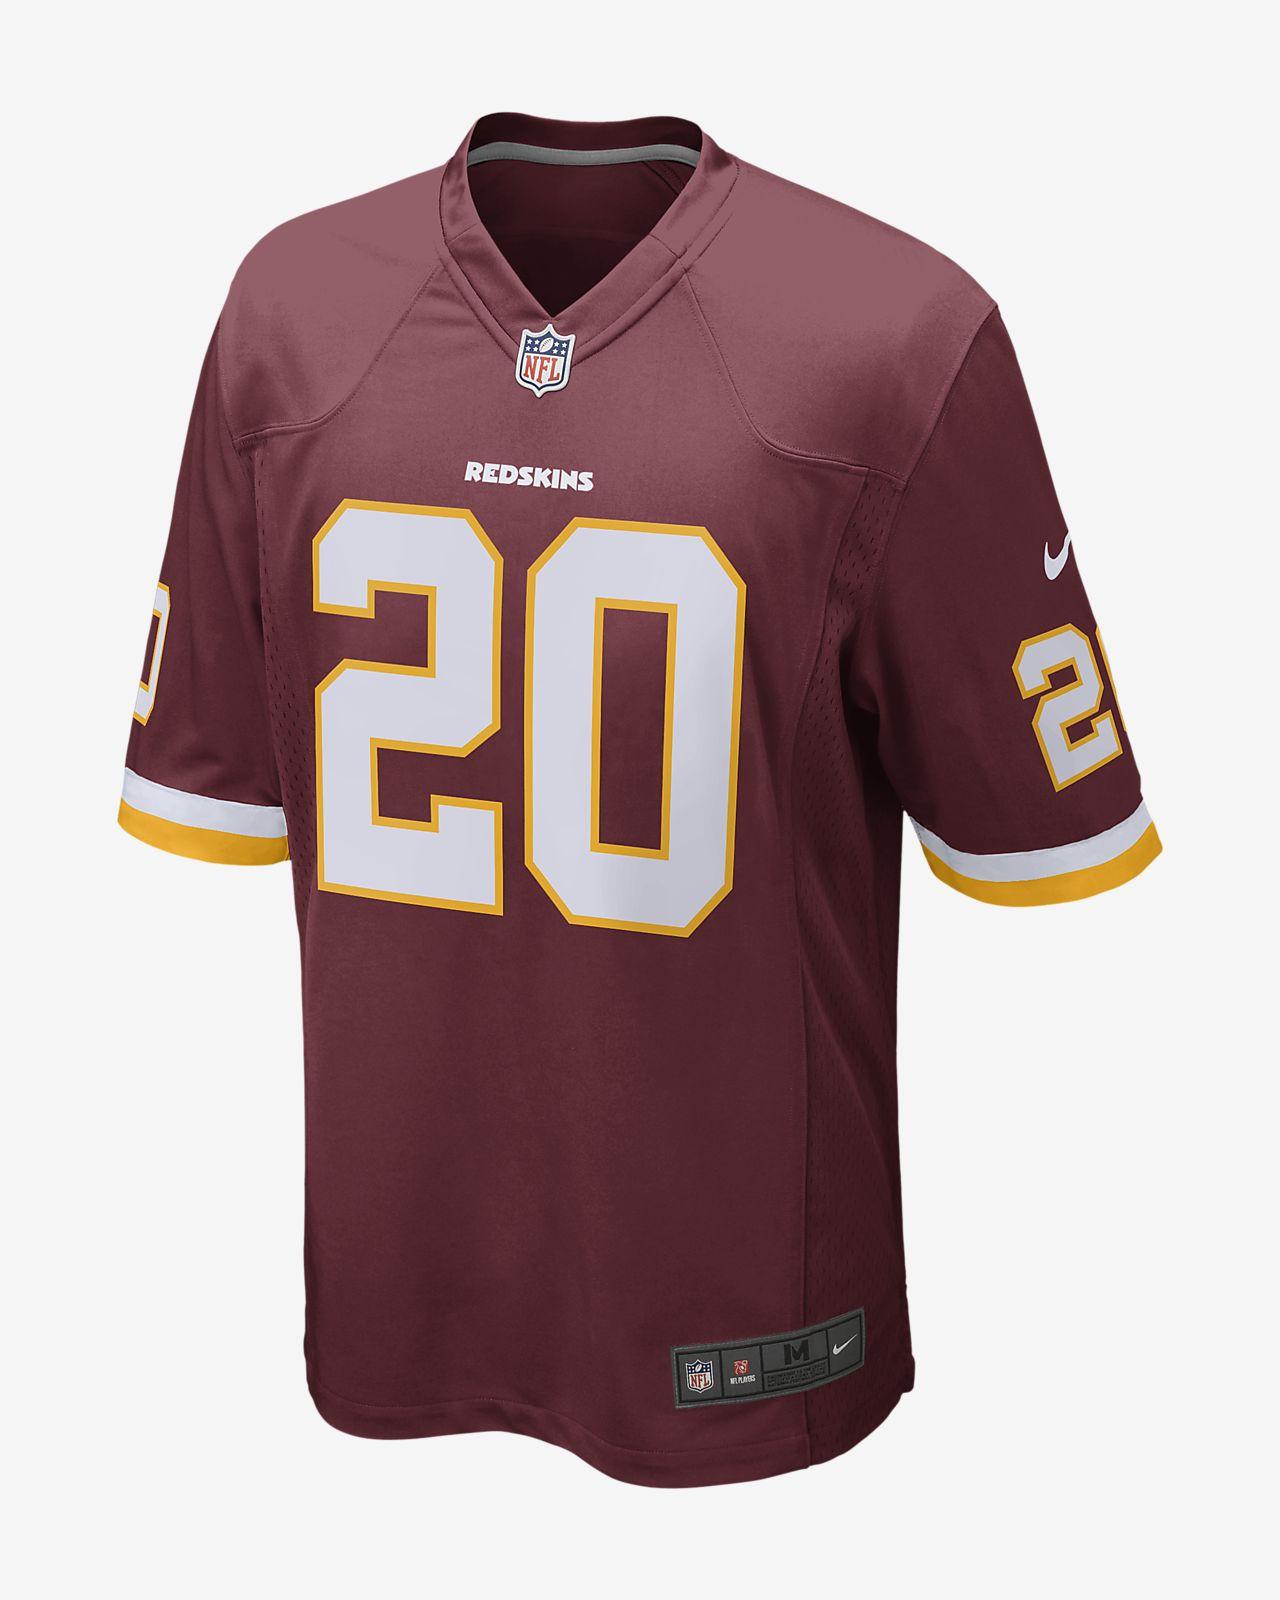 eb626089 NFL Washington Redskins (Landon Collins) Men's Game Football Jersey